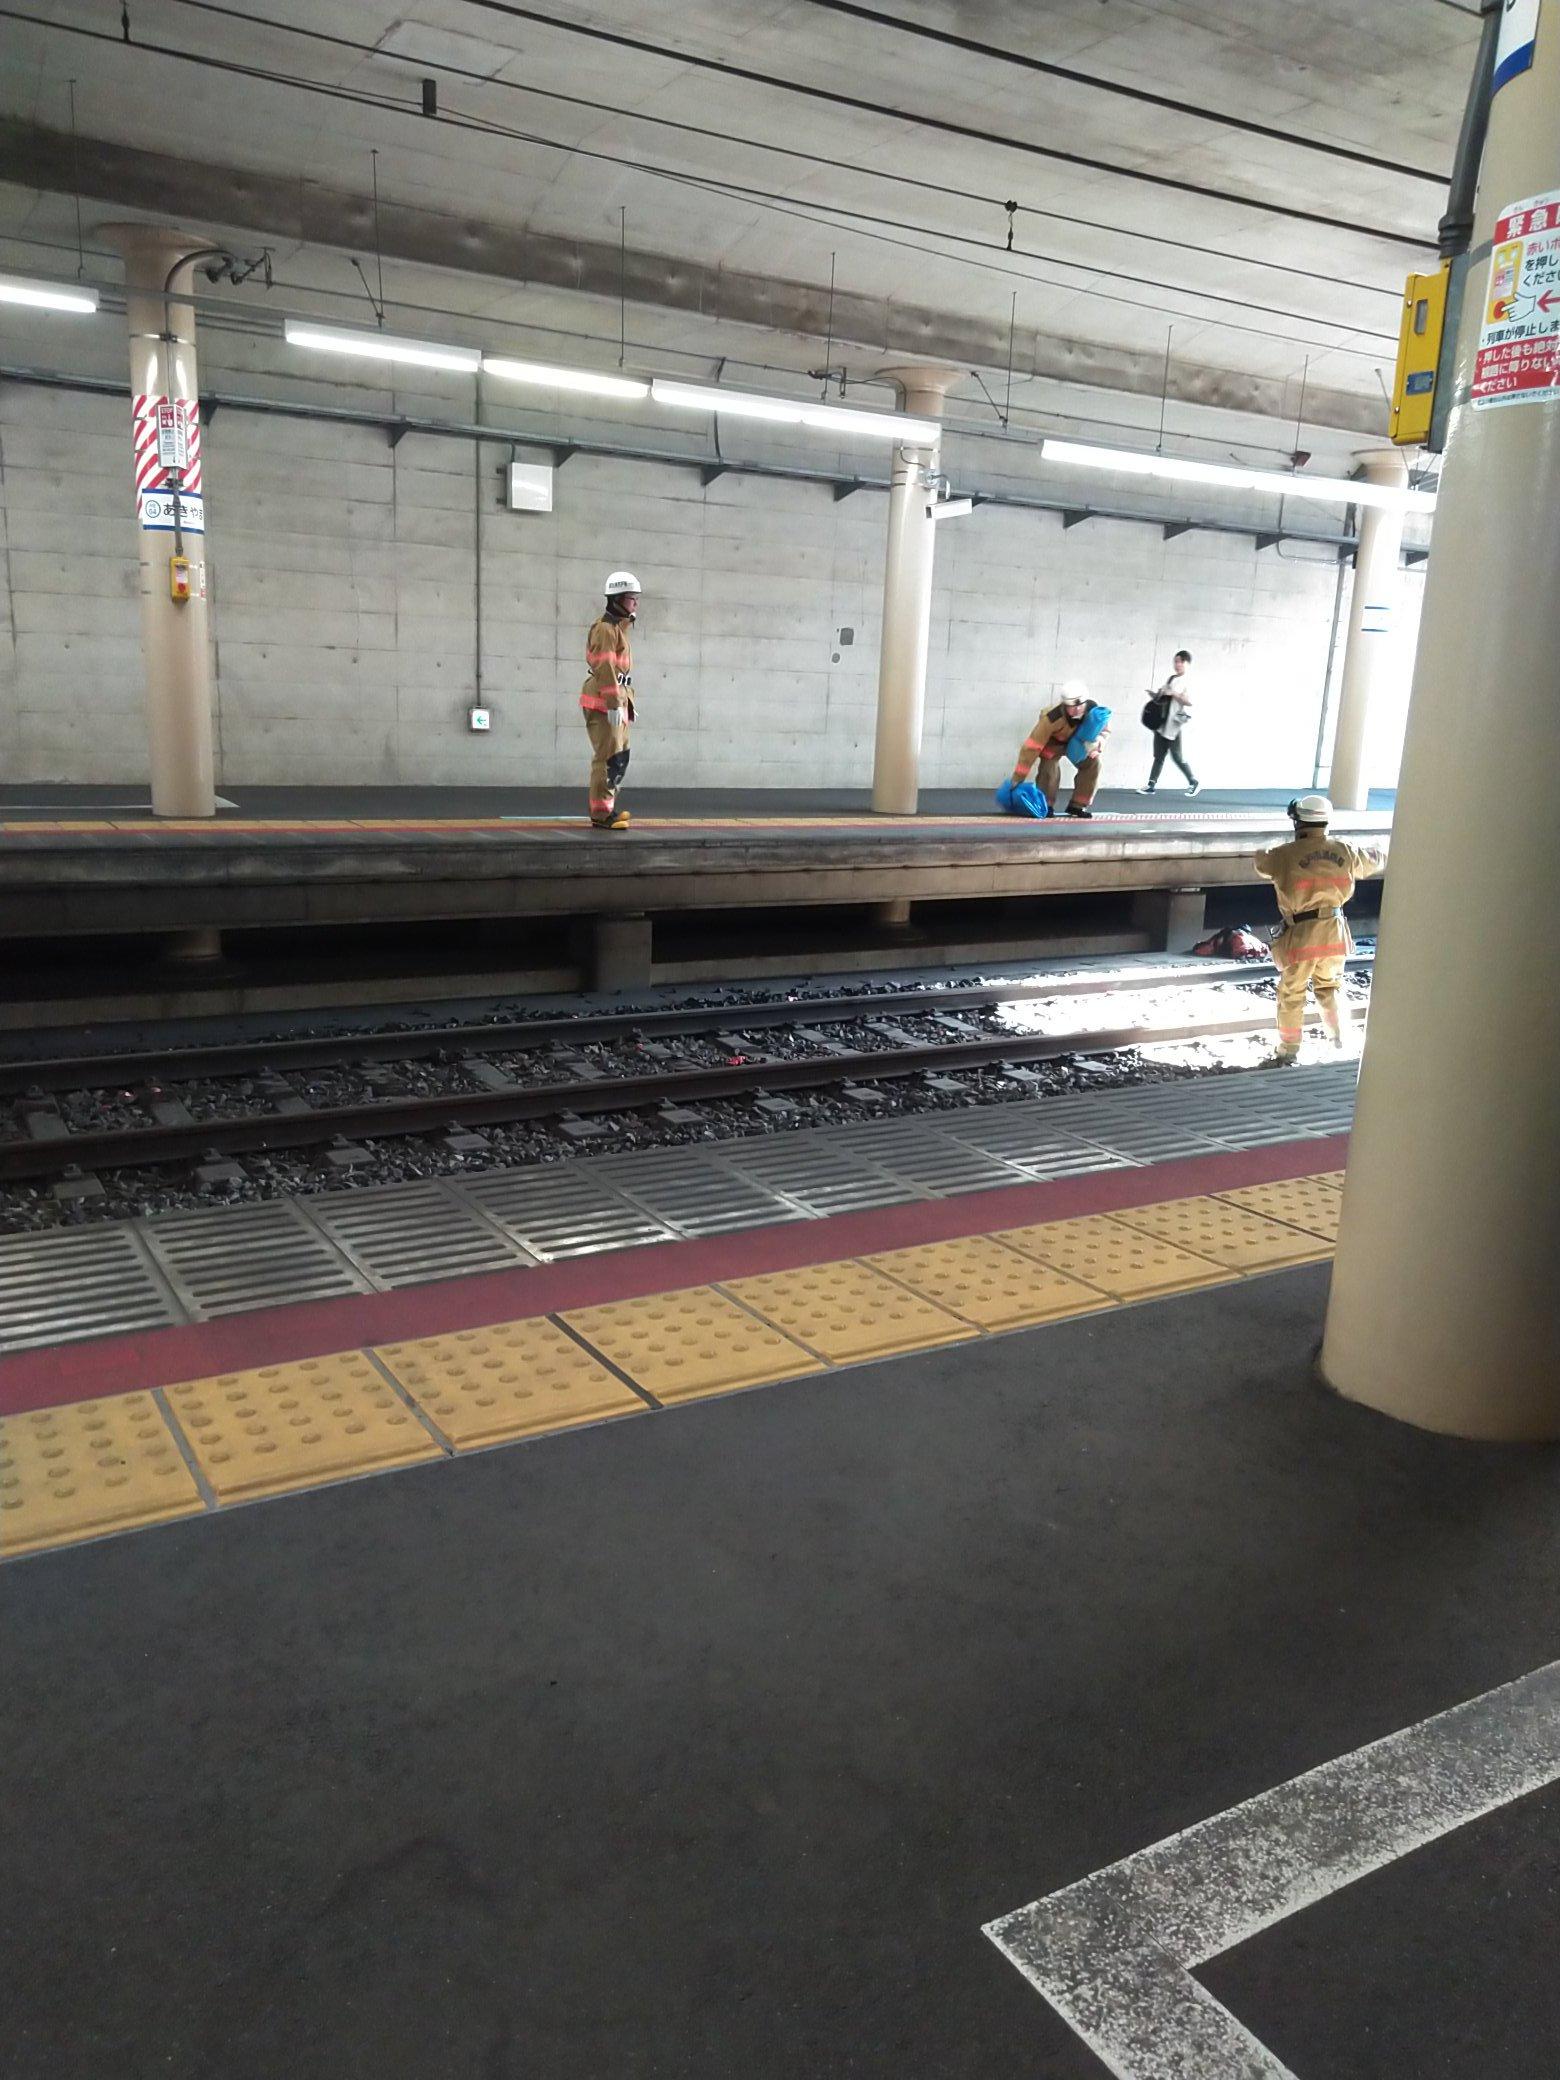 東松戸駅で人身事故「線路に血まみれの人」北総線遅延 飛び込み自殺か